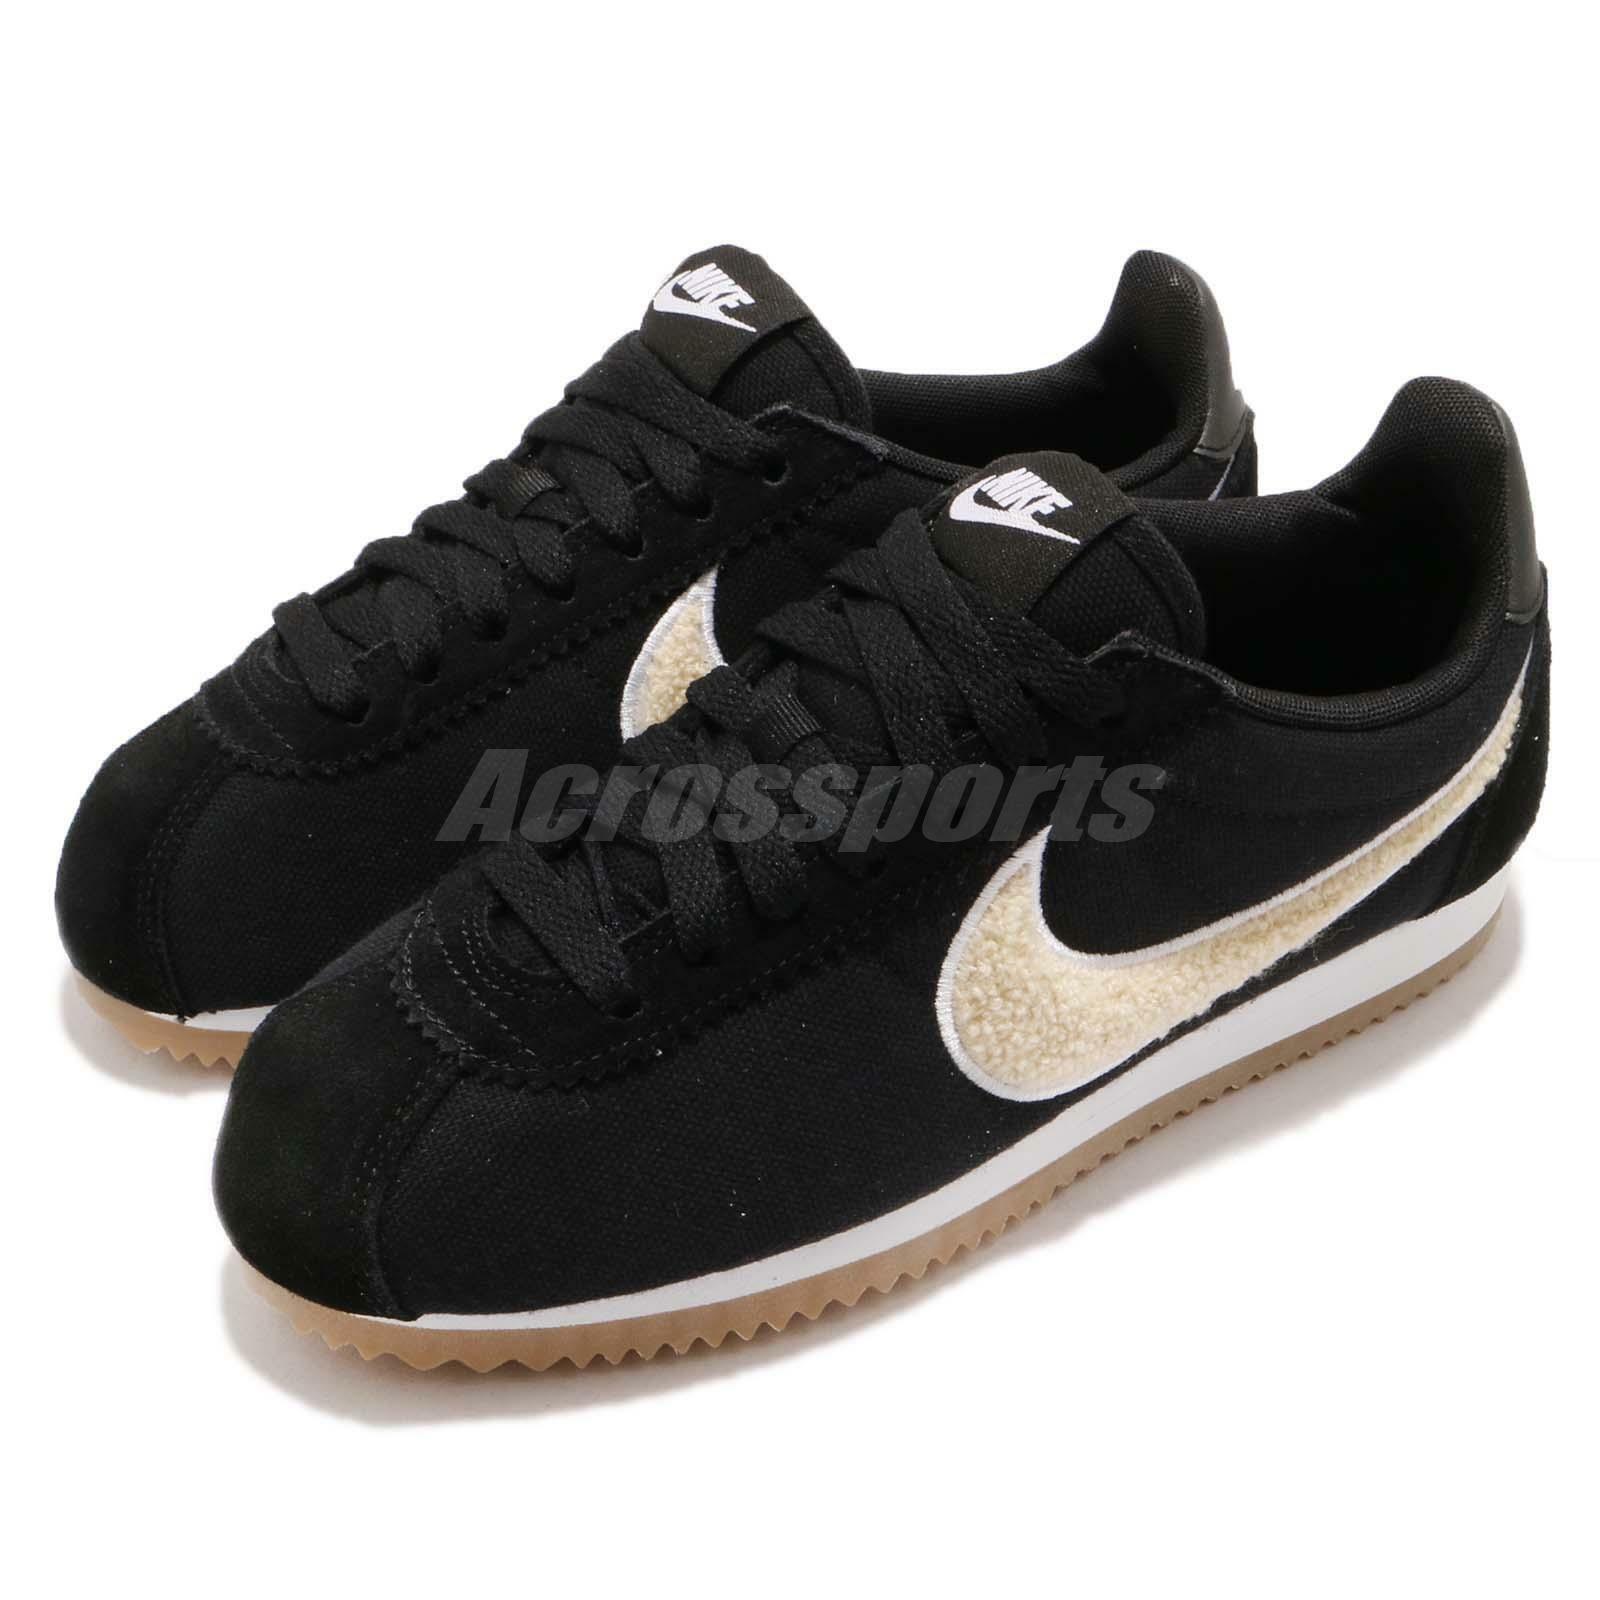 Nike Wmns Clásico Cortez Prem Cuero Cuero Cuero se Retro para Mujer Zapato de correr elija 1 eabdb7